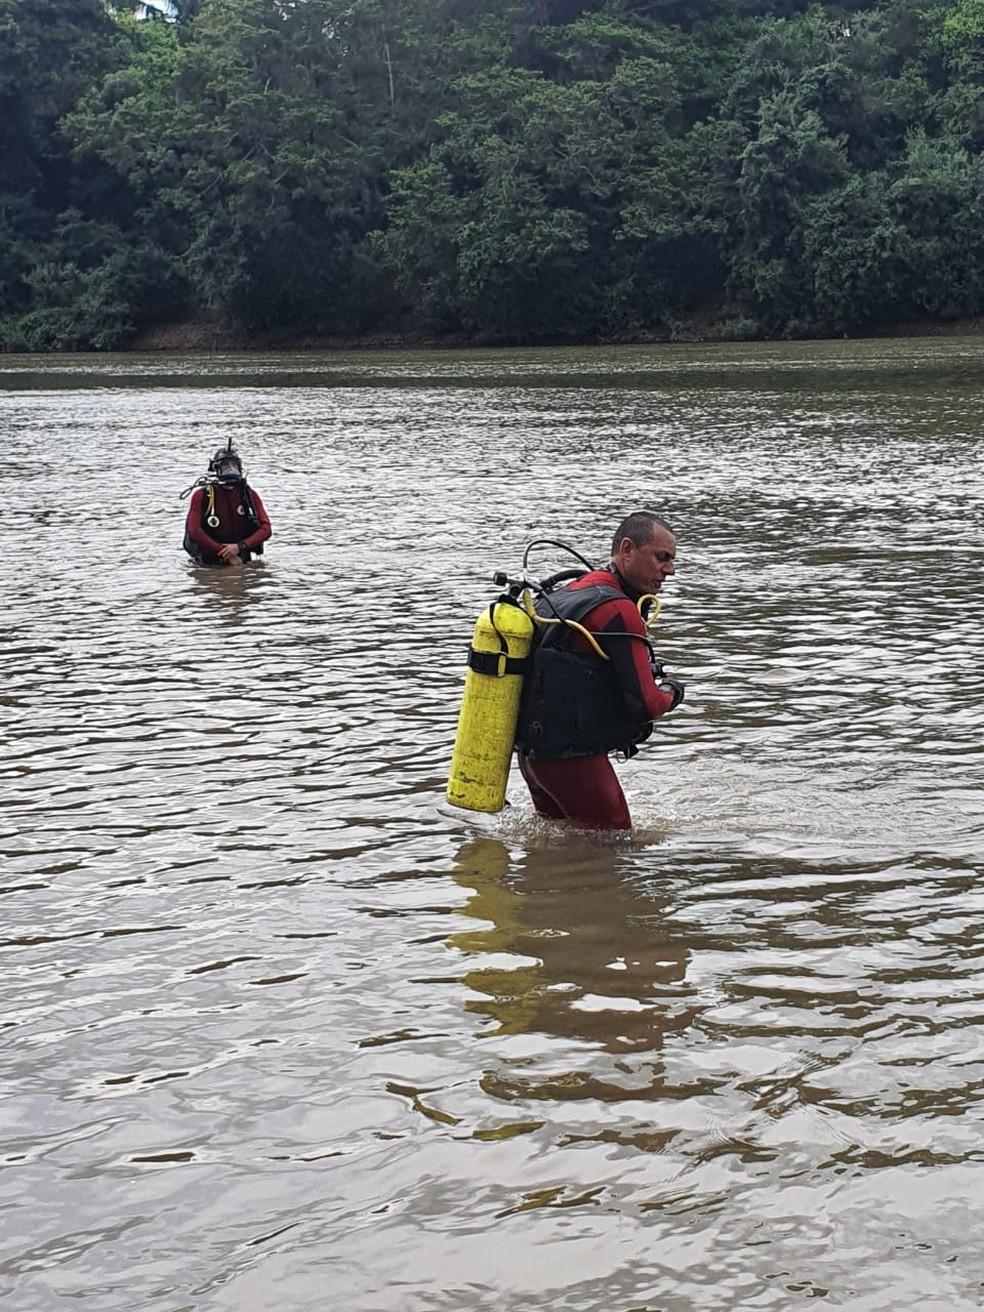 Bombeiros fizeram buscas e resgataram corpo do adolescente no Rio Caiabi, em Sinop — Foto: Corpo de Bombeiros de Mato Grosso